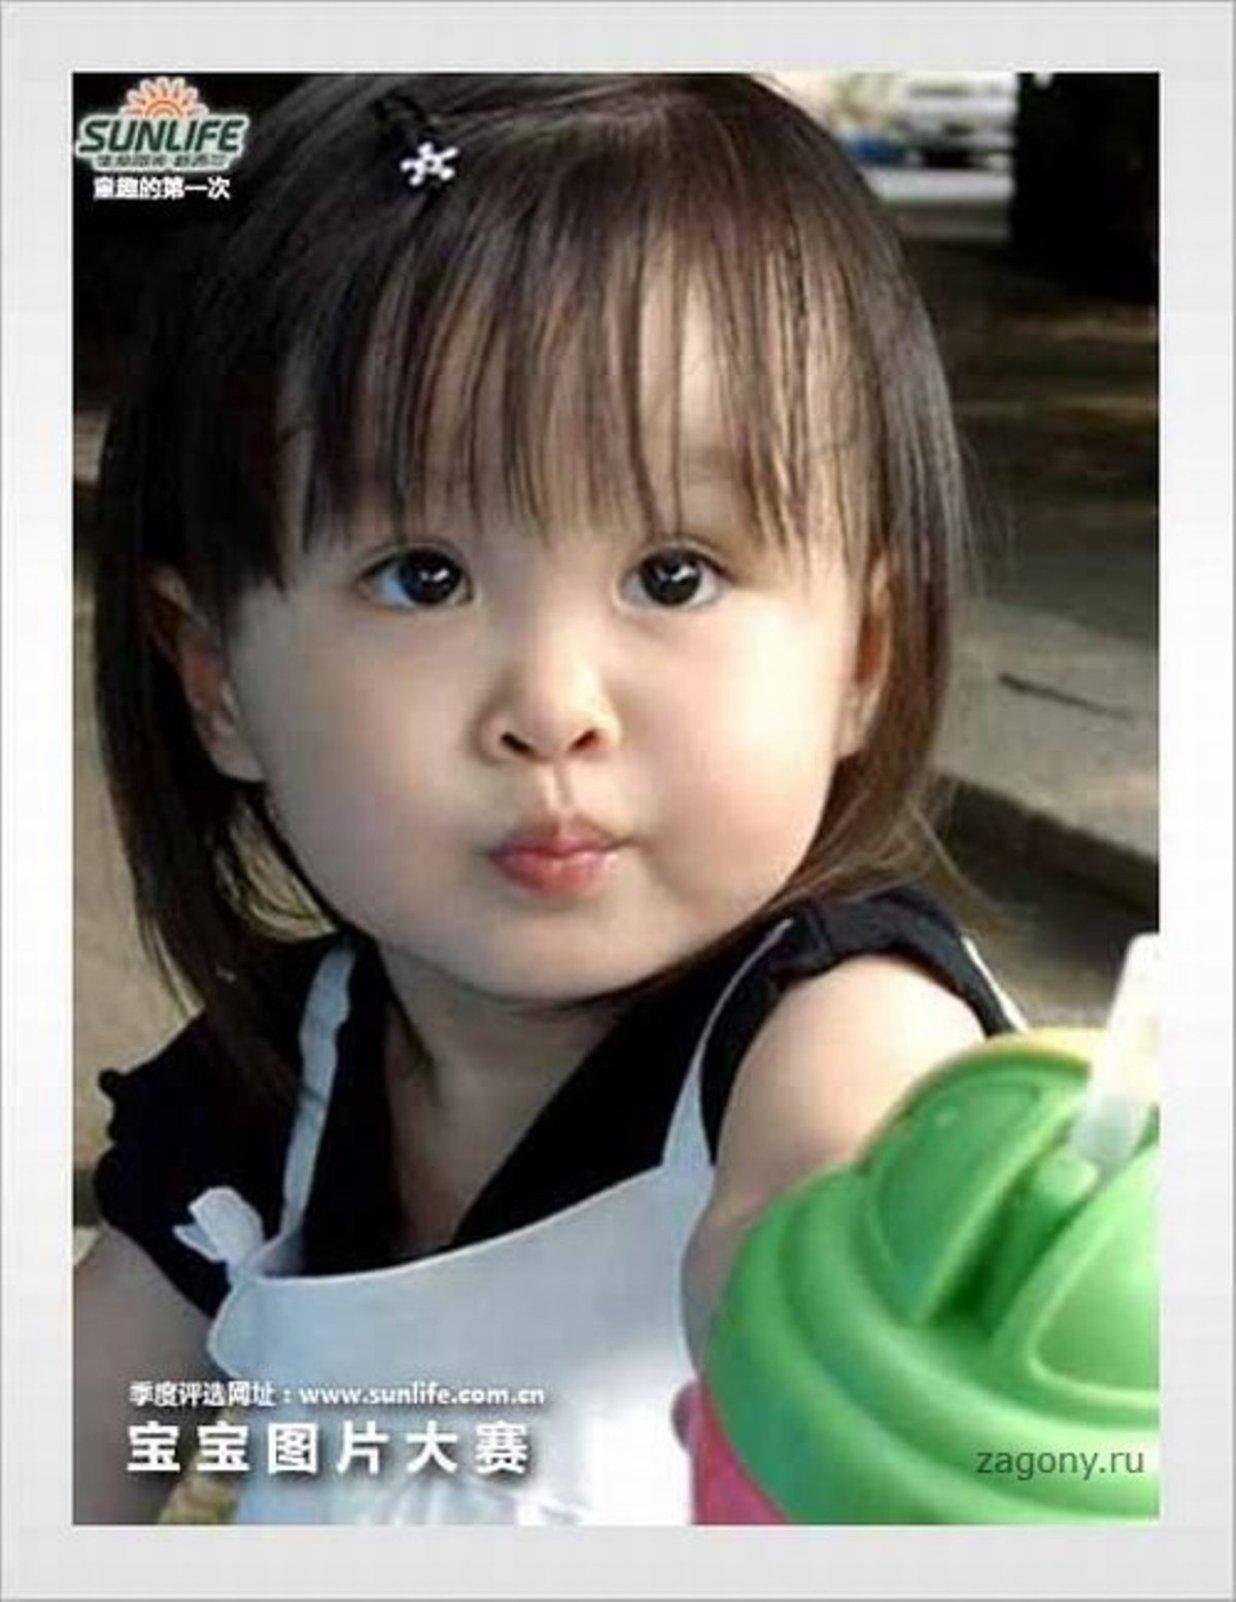 Японские малышки фото 4 фотография